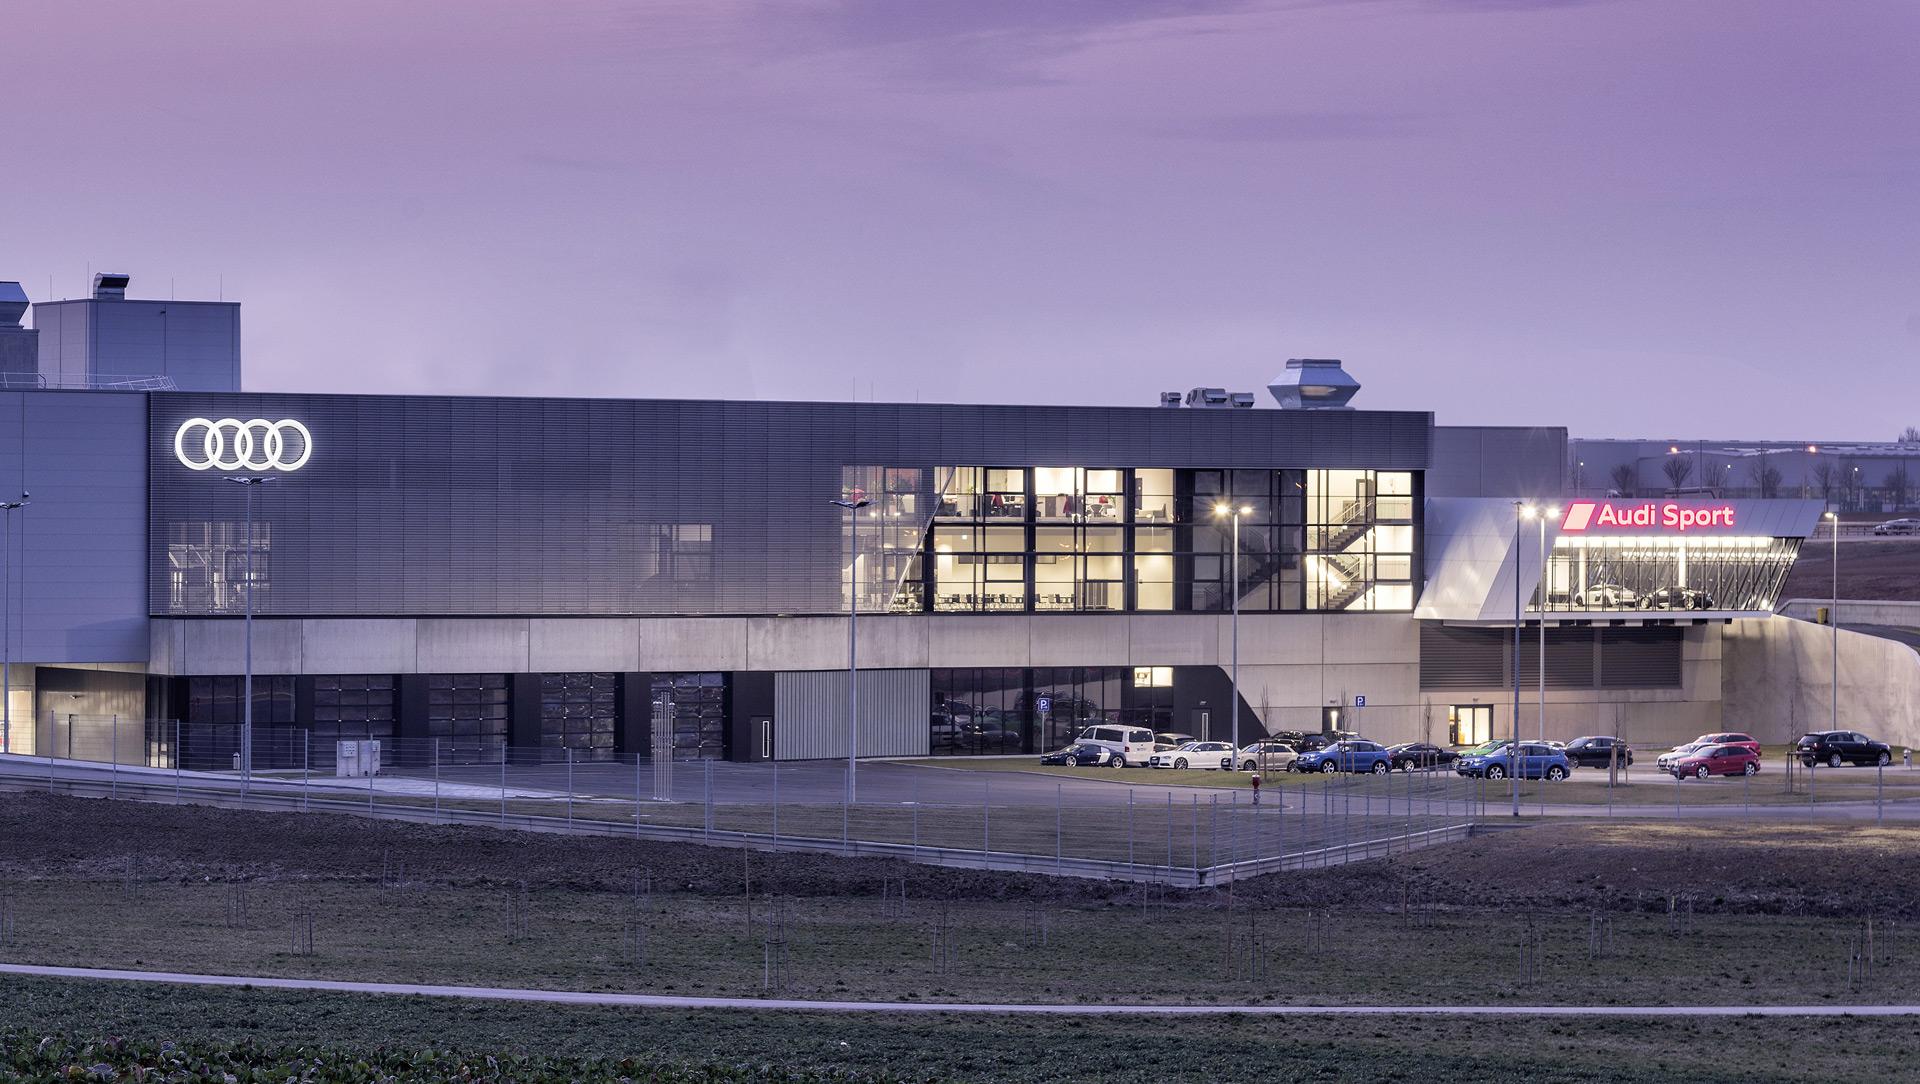 Audi Quattro Division Renamed Audi Sport